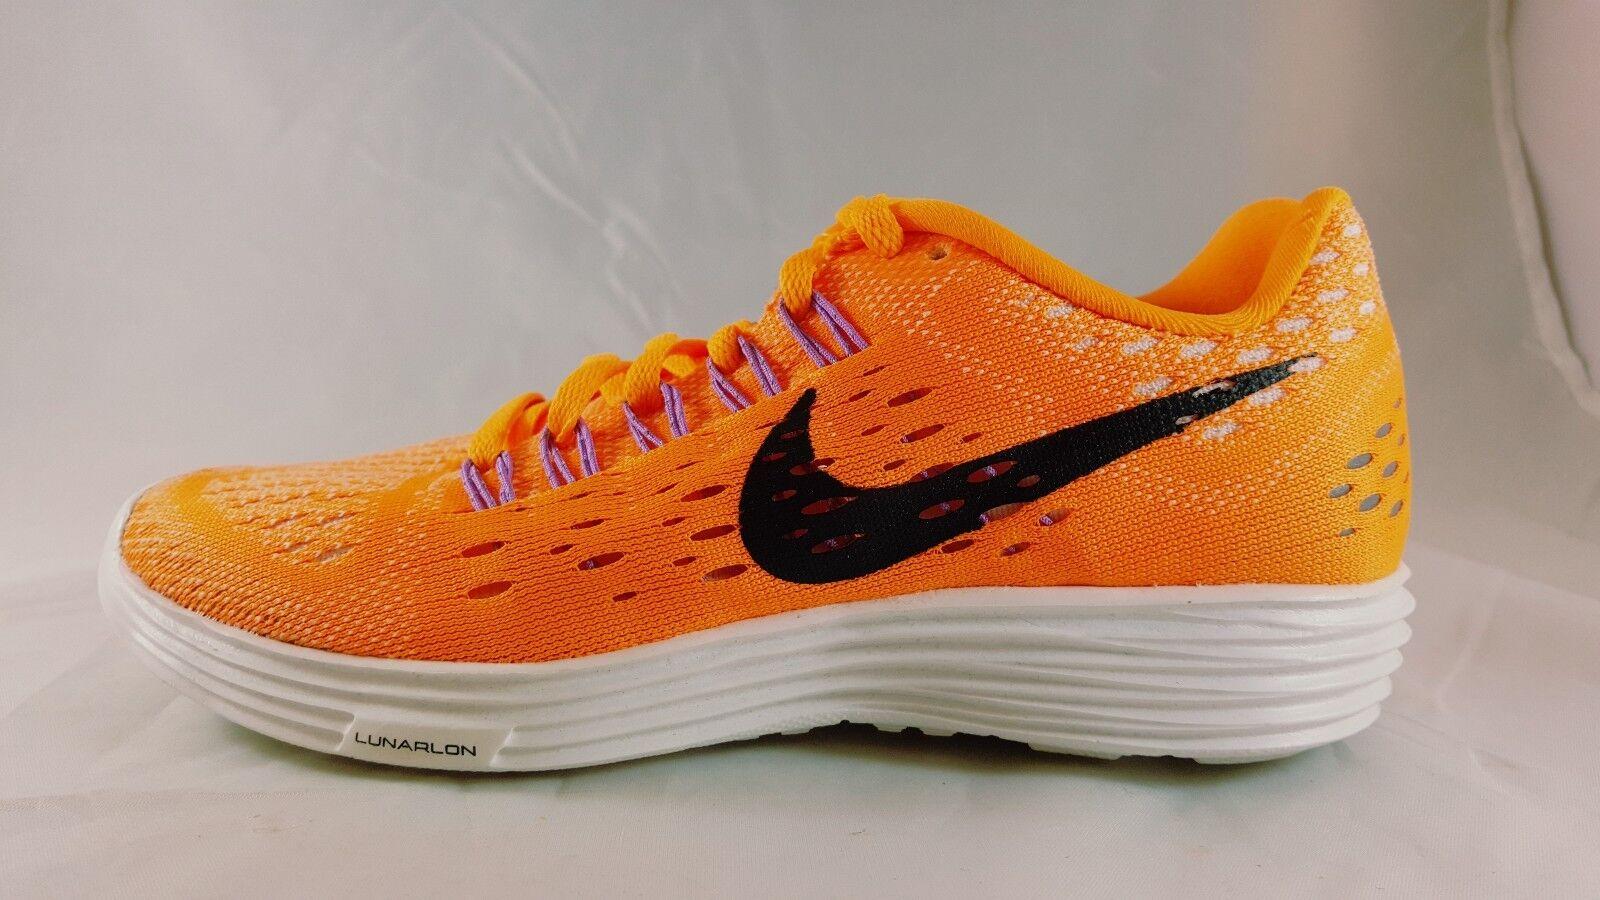 Nike Lunartempo Women's Running Shoe 705462 800 Size 5